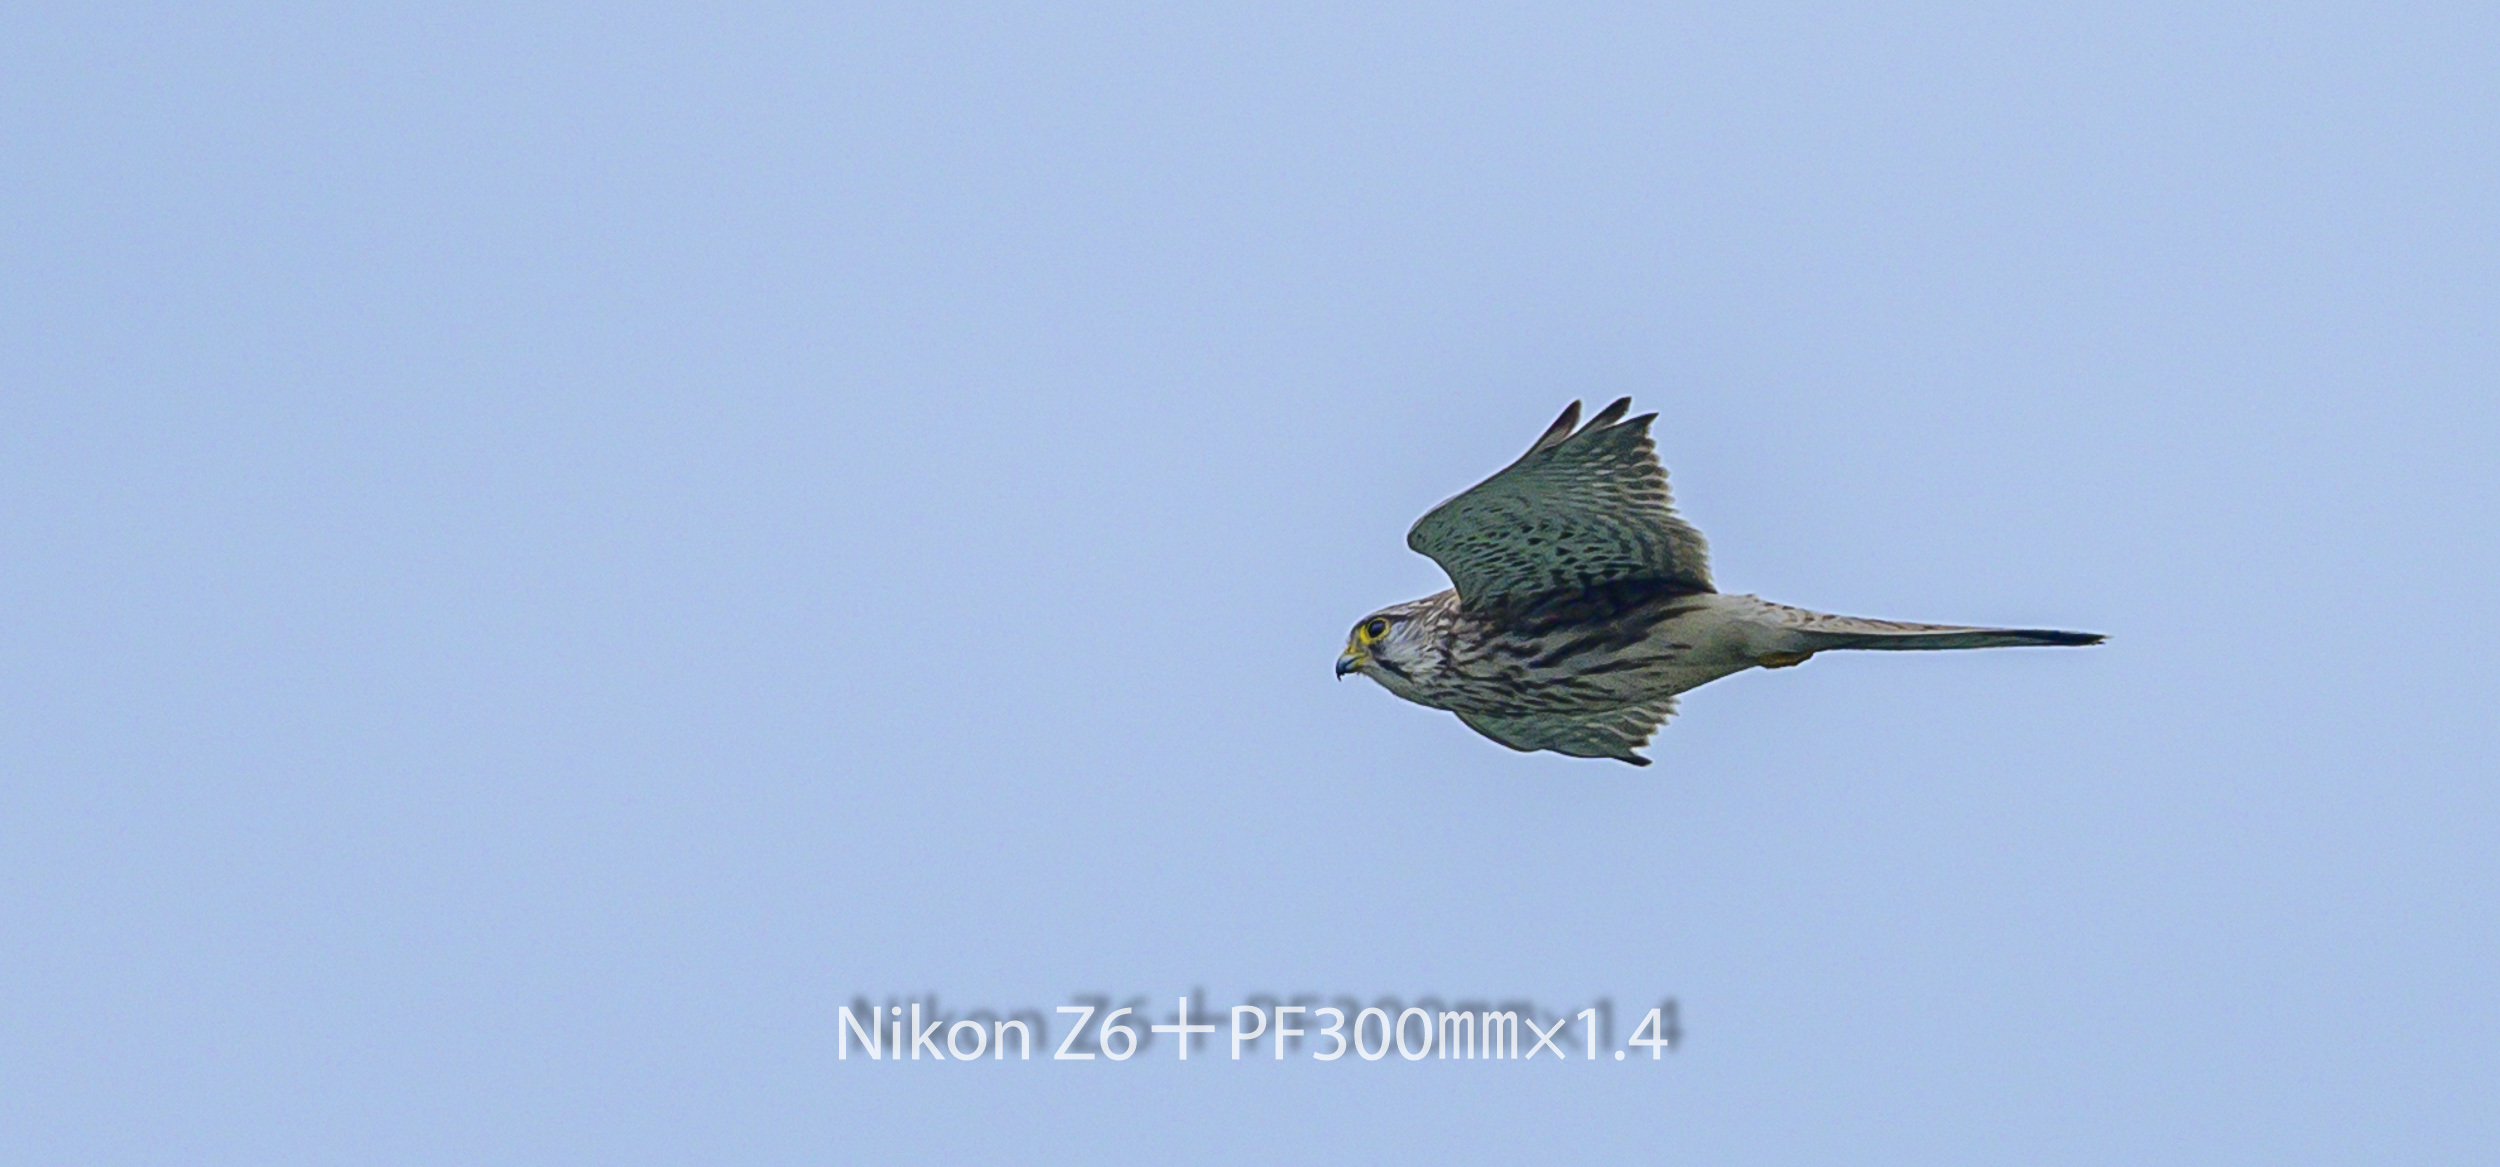 191008 チョウゲンボウ-15 NIKON Z 6 ISO 360 420 mm 1980 x 924